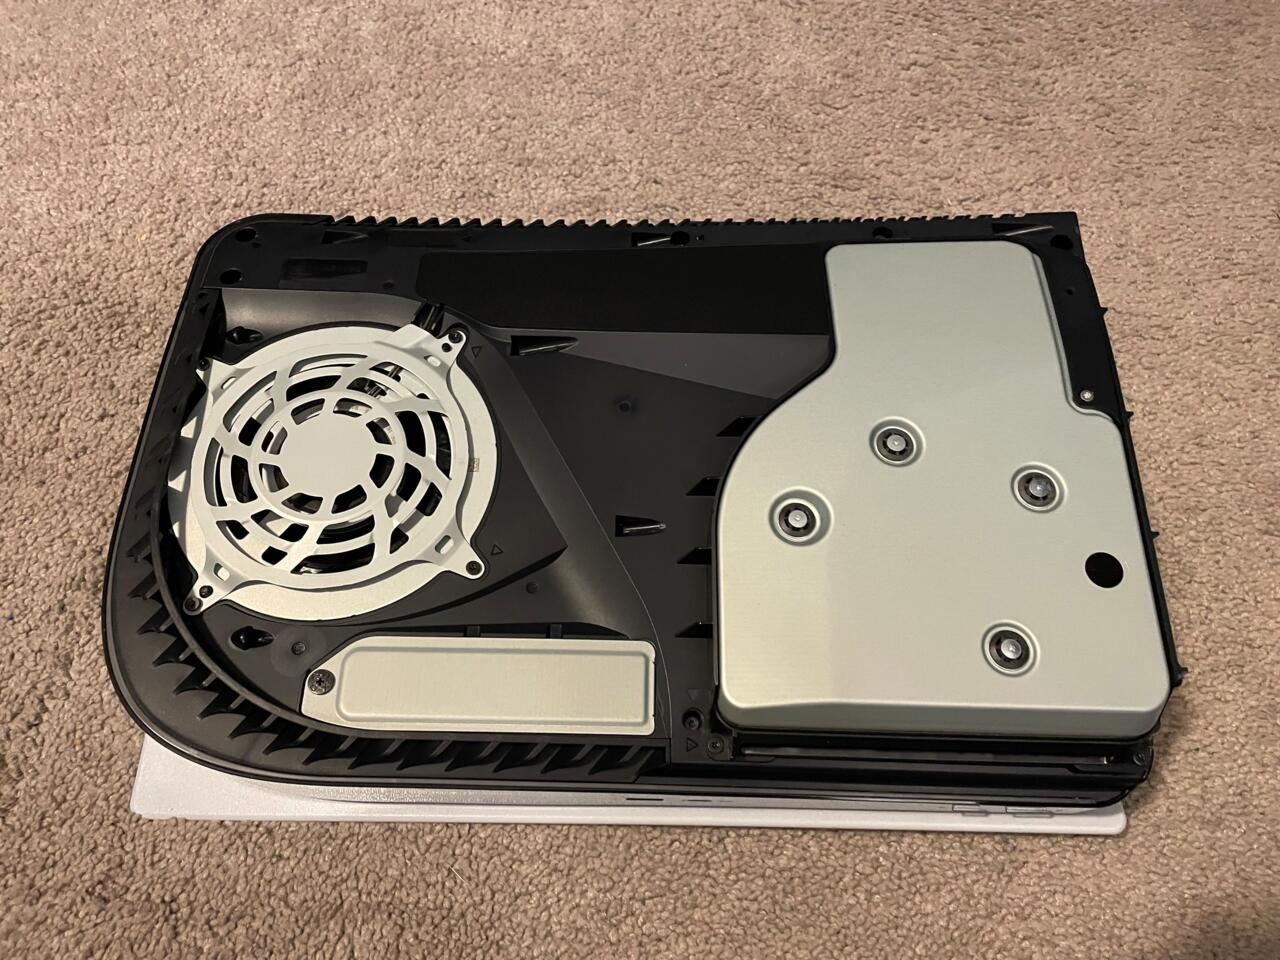 Parte inferior do PS5 com o painel desligado